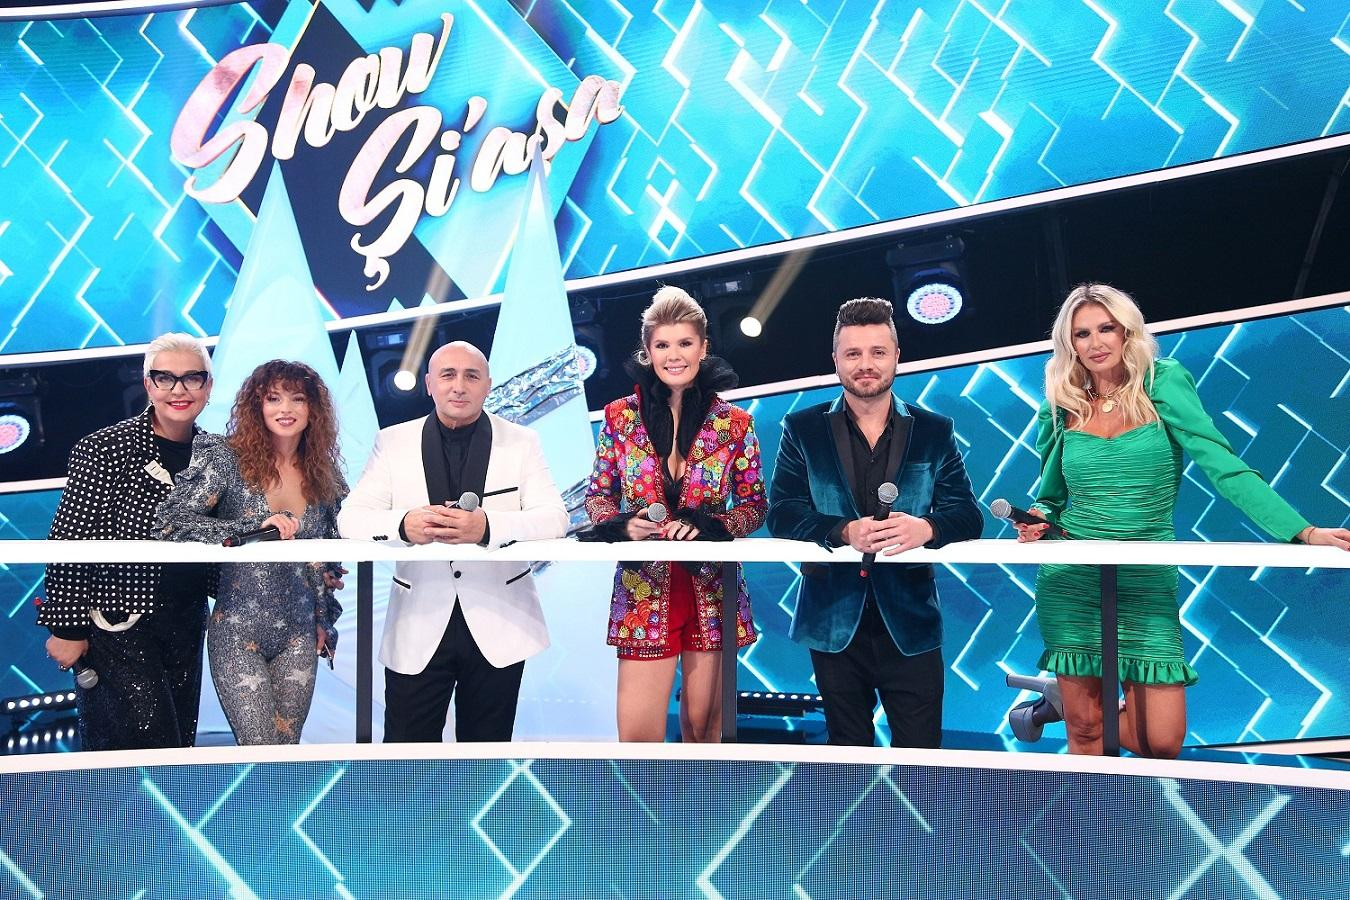 """În noaptea de Revelion, de la ora 20:00, la Antena 1, Mirela Vaida, Liviu Vârciu și Andrei Ștefănescu prezintă """"Show și-așa"""""""